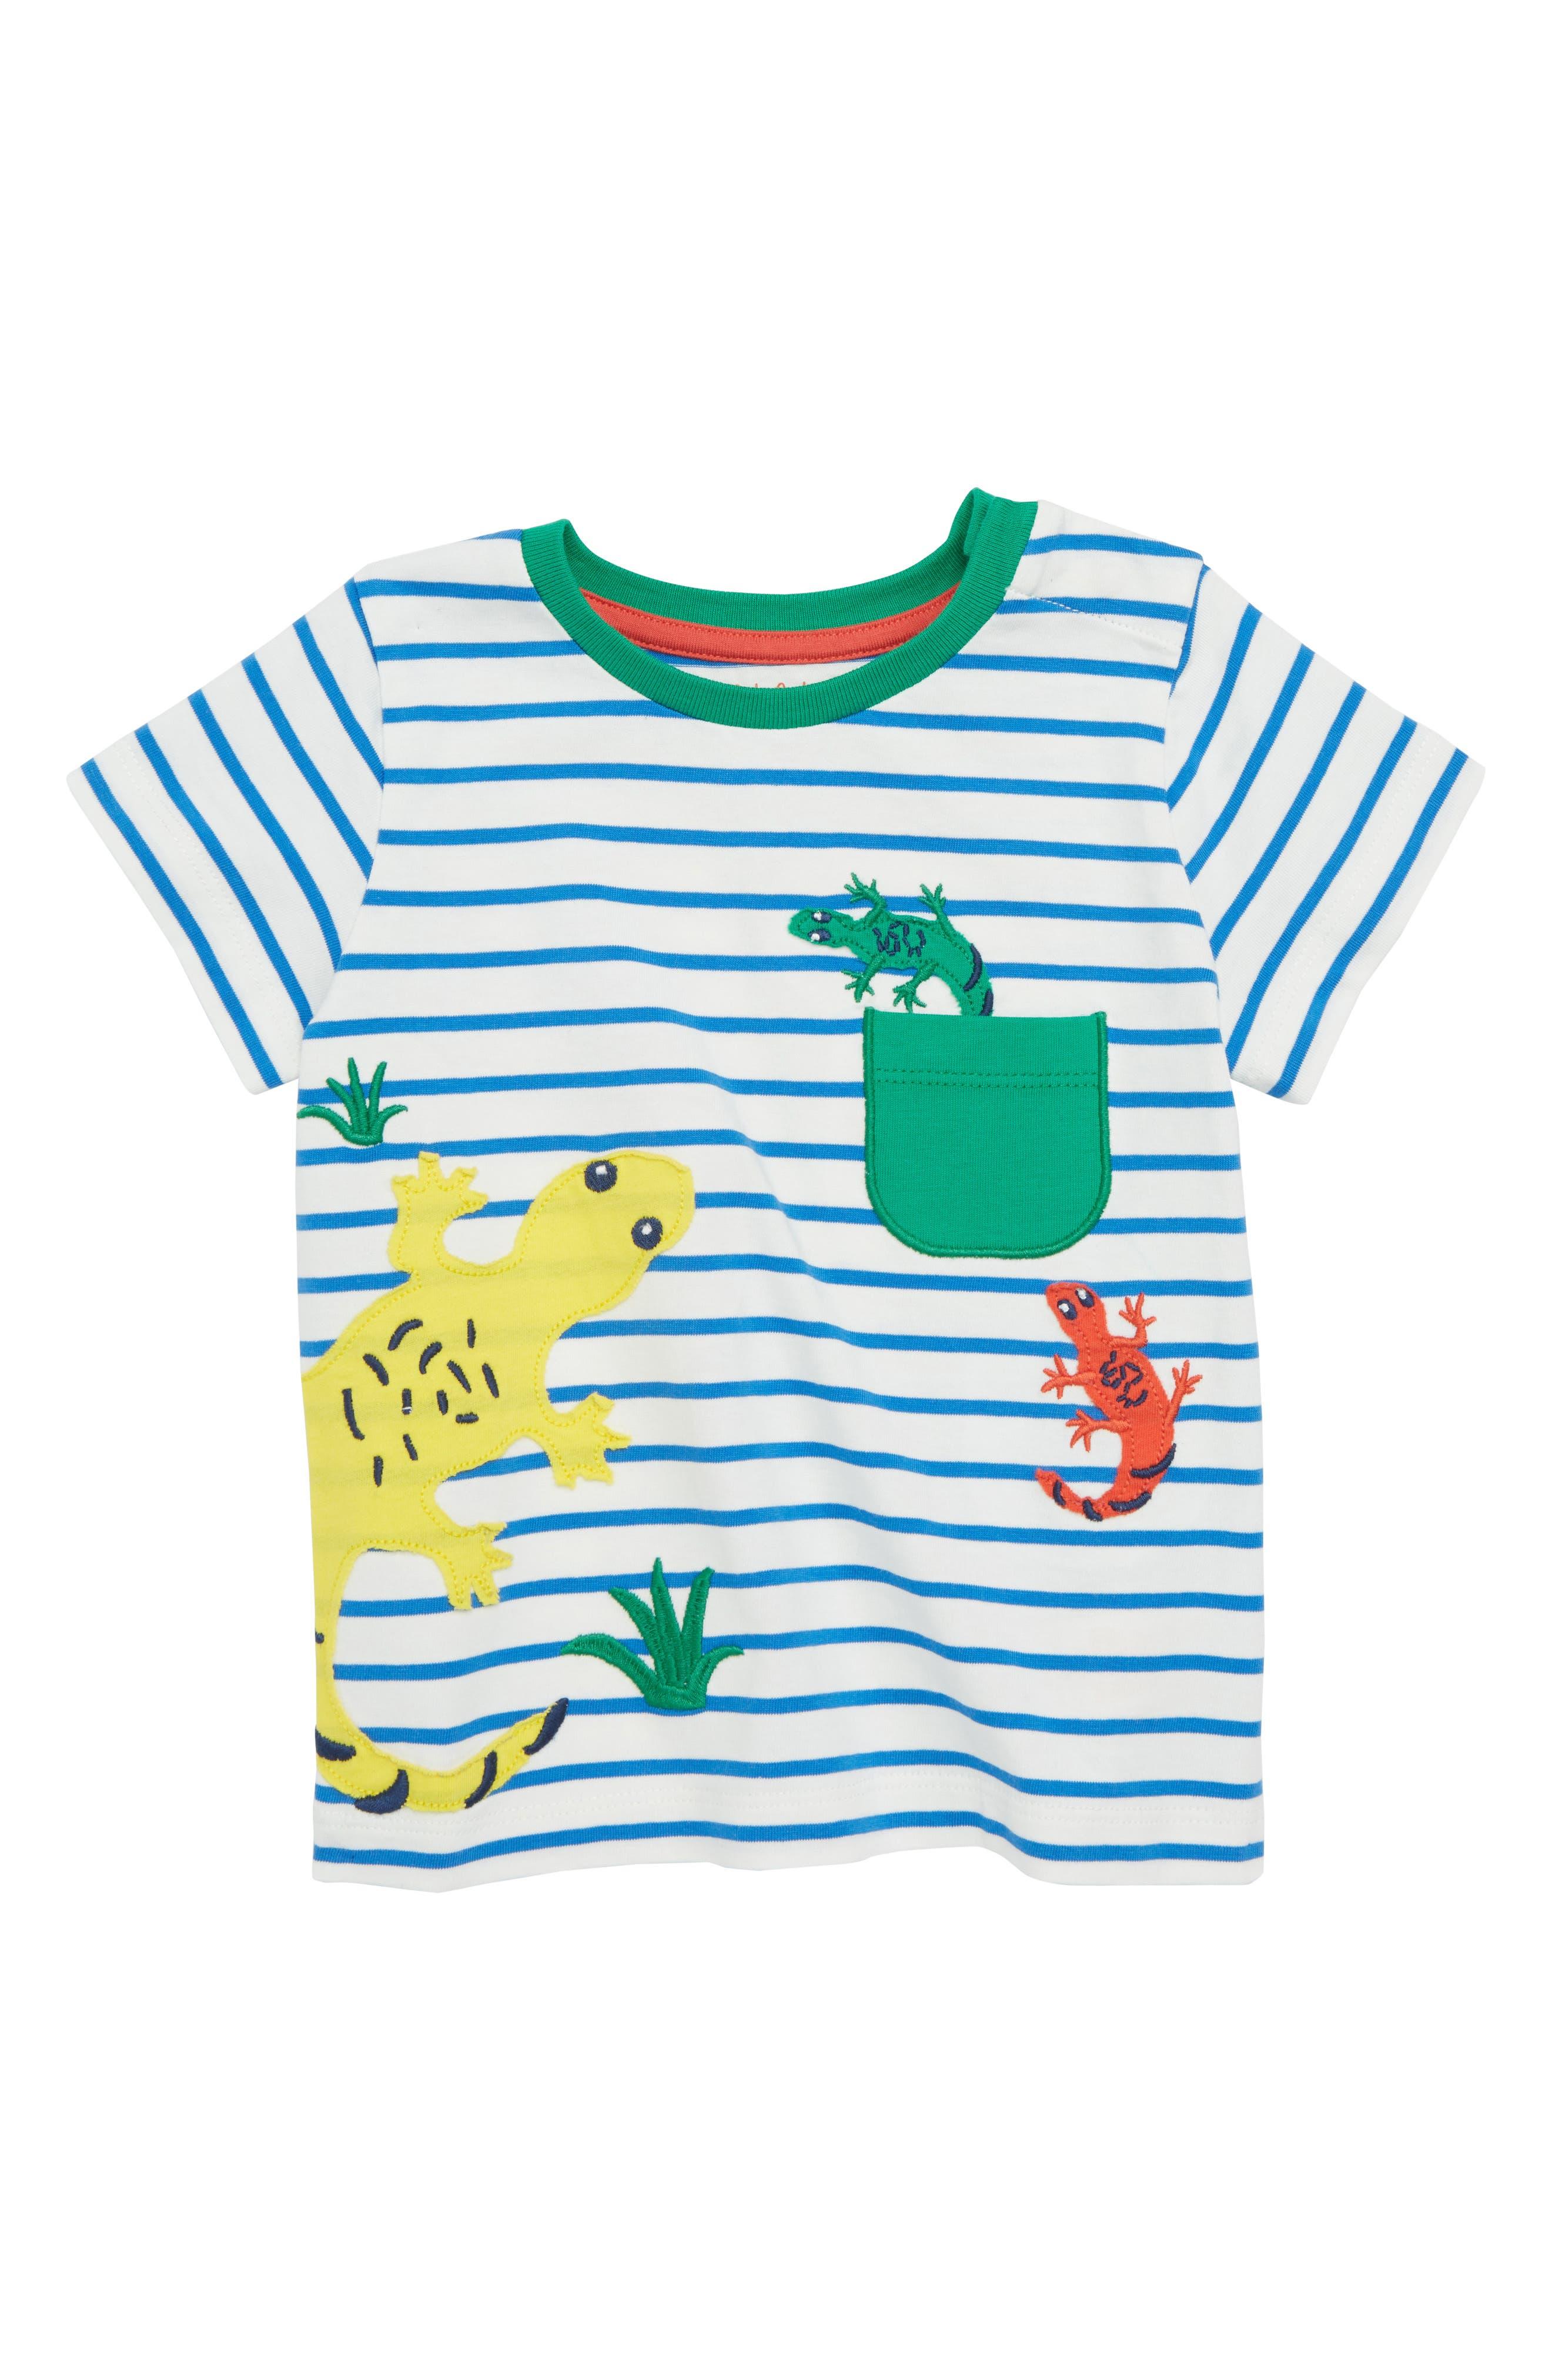 Pocket Friends T-Shirt,                         Main,                         color,